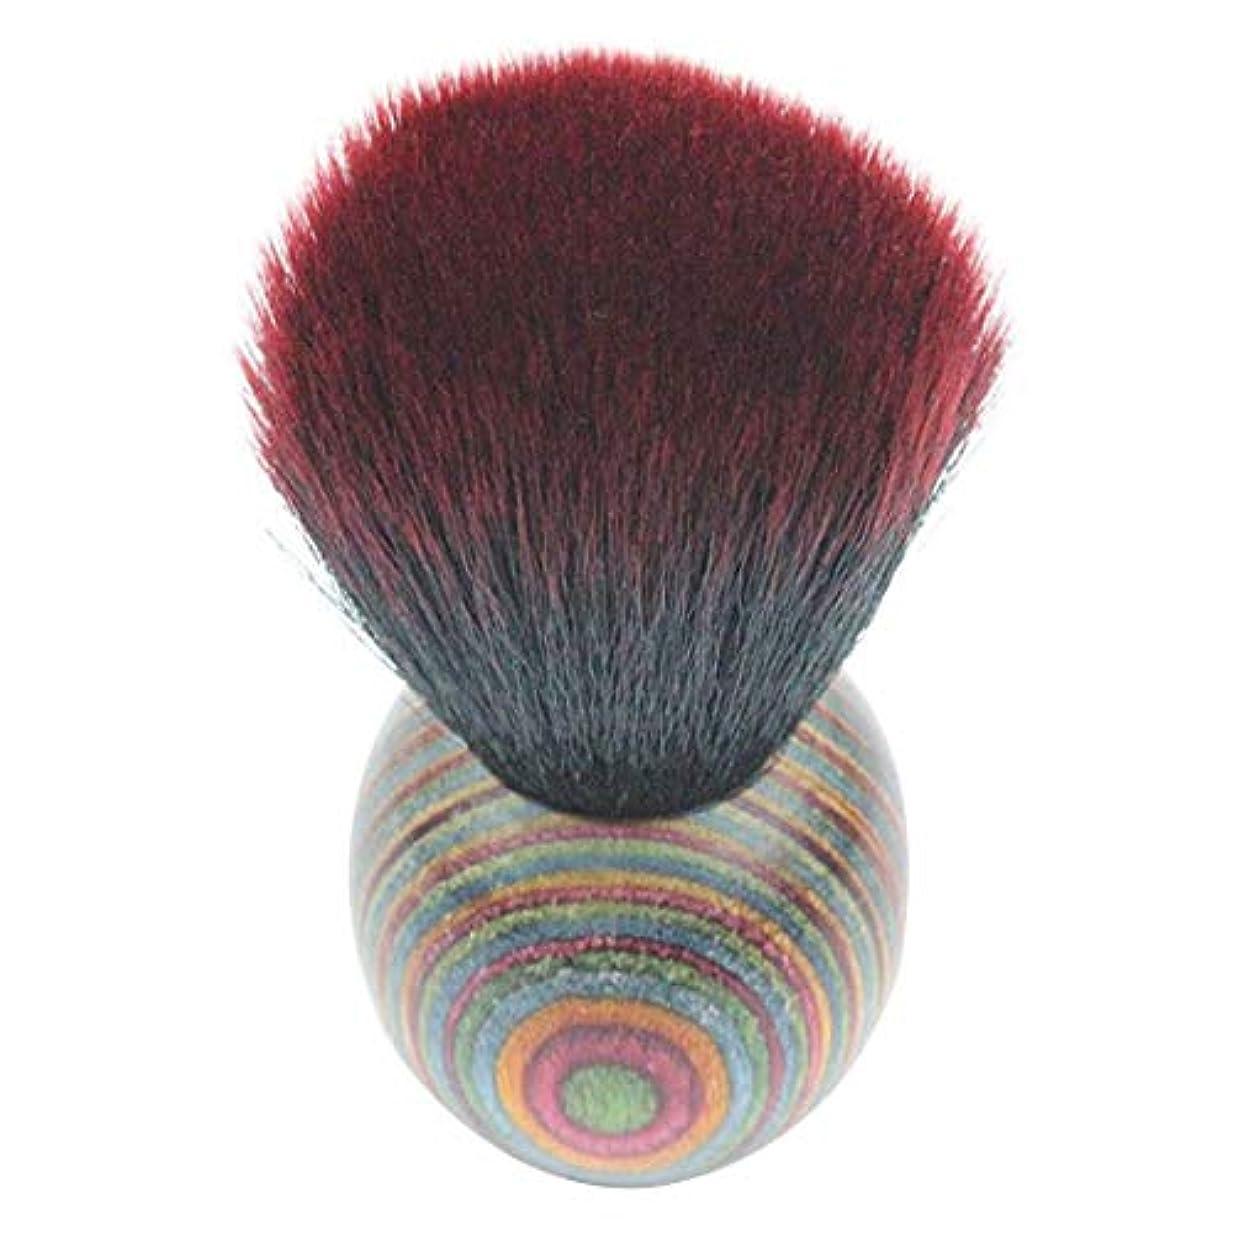 キャンプ入る専門用語MEI1JIA QUELLIA最高品質の色ウッドエスニックスタイルフェイスパウダー化粧ブラッシャーブラシ